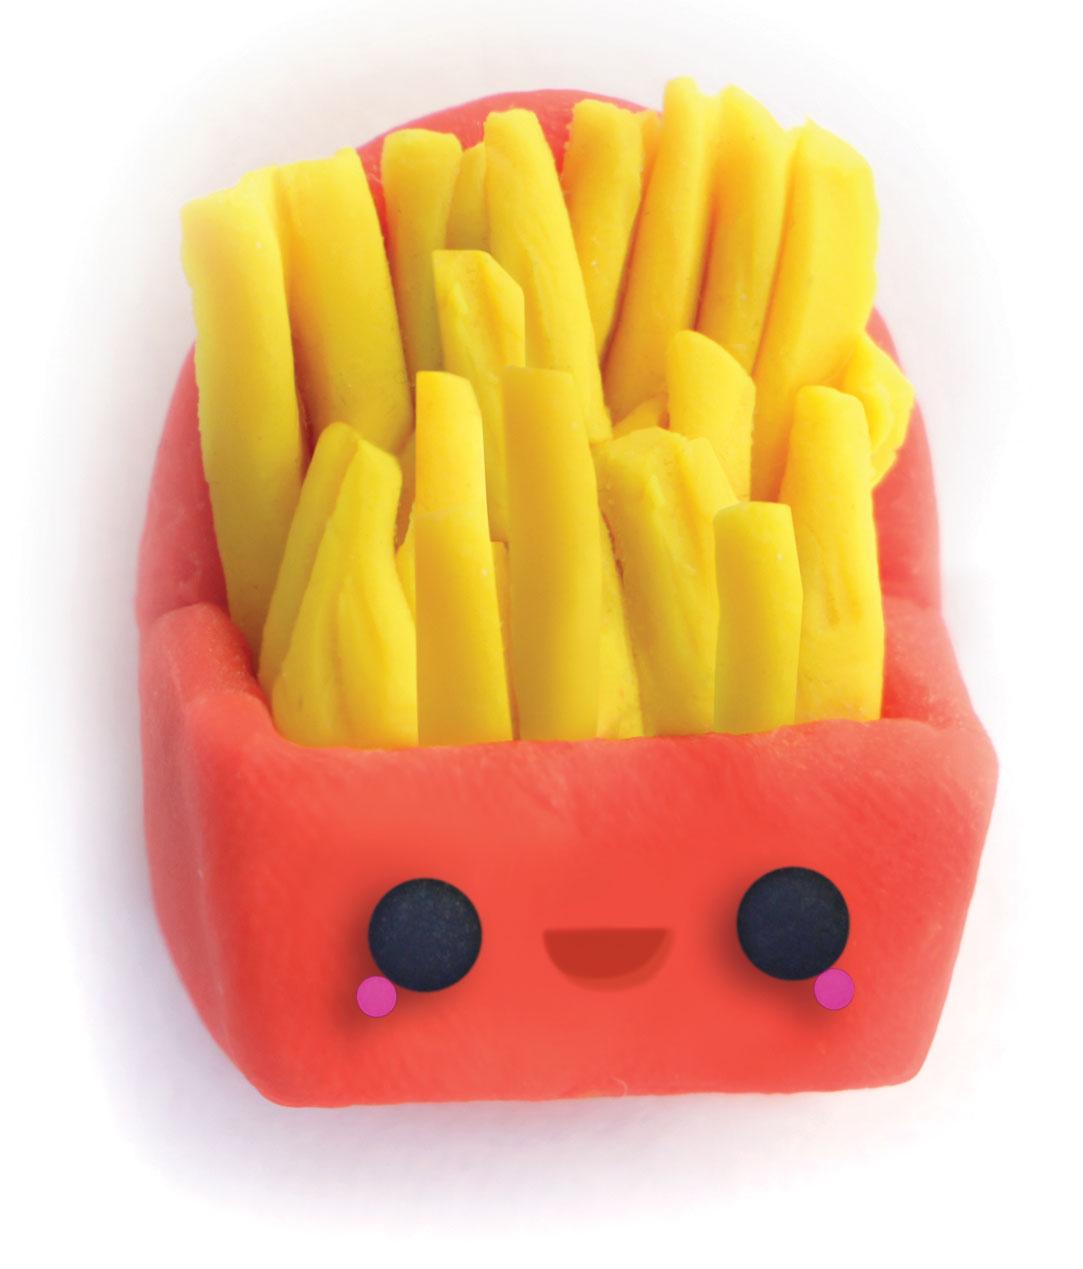 IMAGE-4---fries.jpg